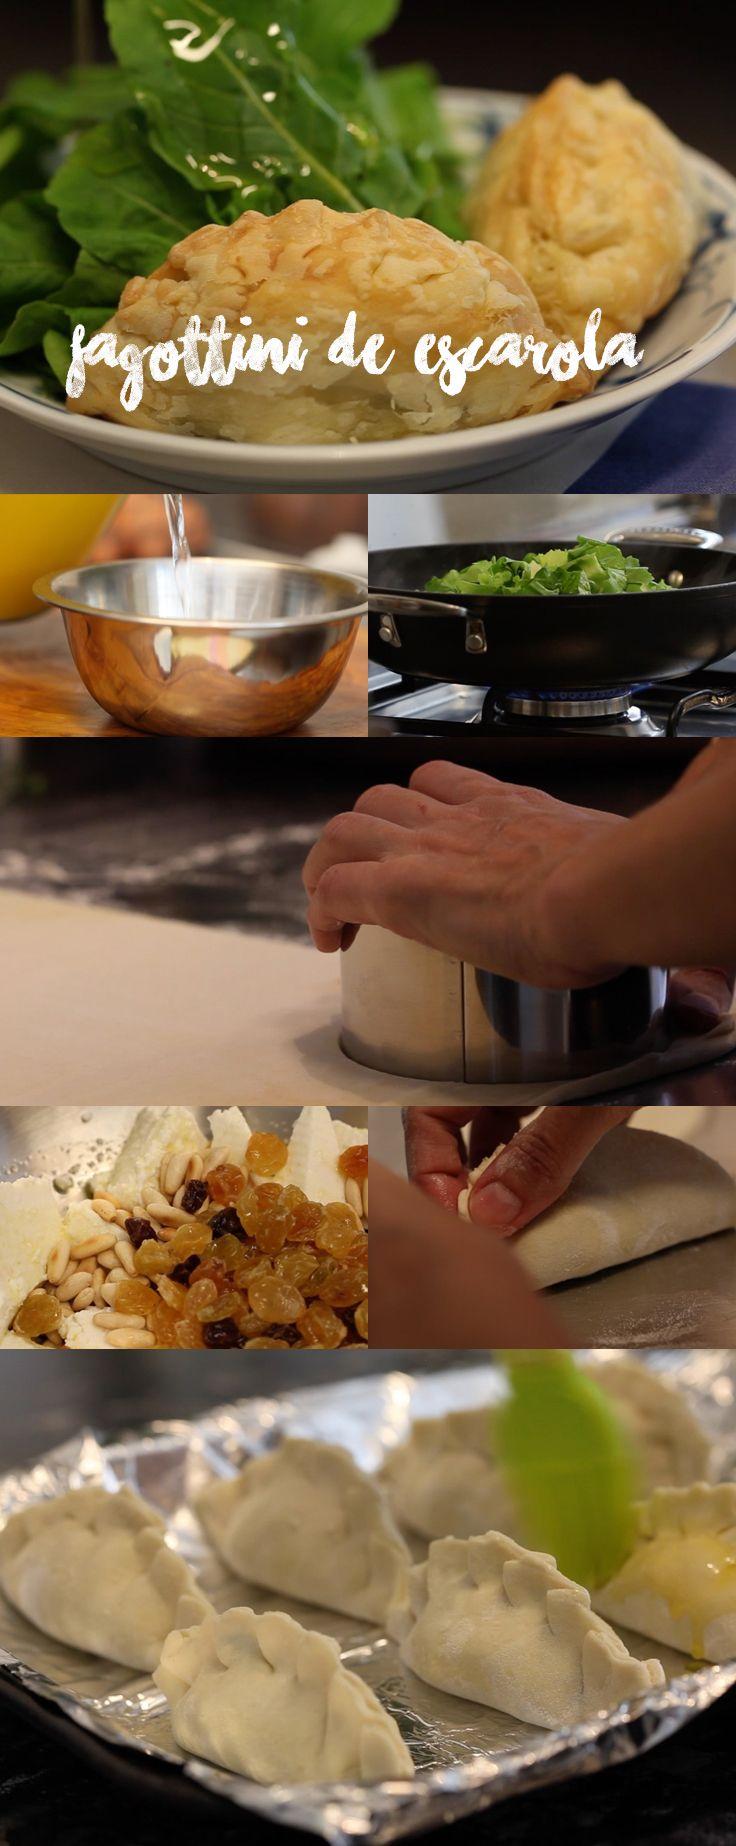 Receita saborosa, crocantes e que faz um super sucesso! Fagottini feito com massa folhada de pastel, você pode optar por escarola ou espinafre. Veja mais receitas em www.myyellowpages.com.br